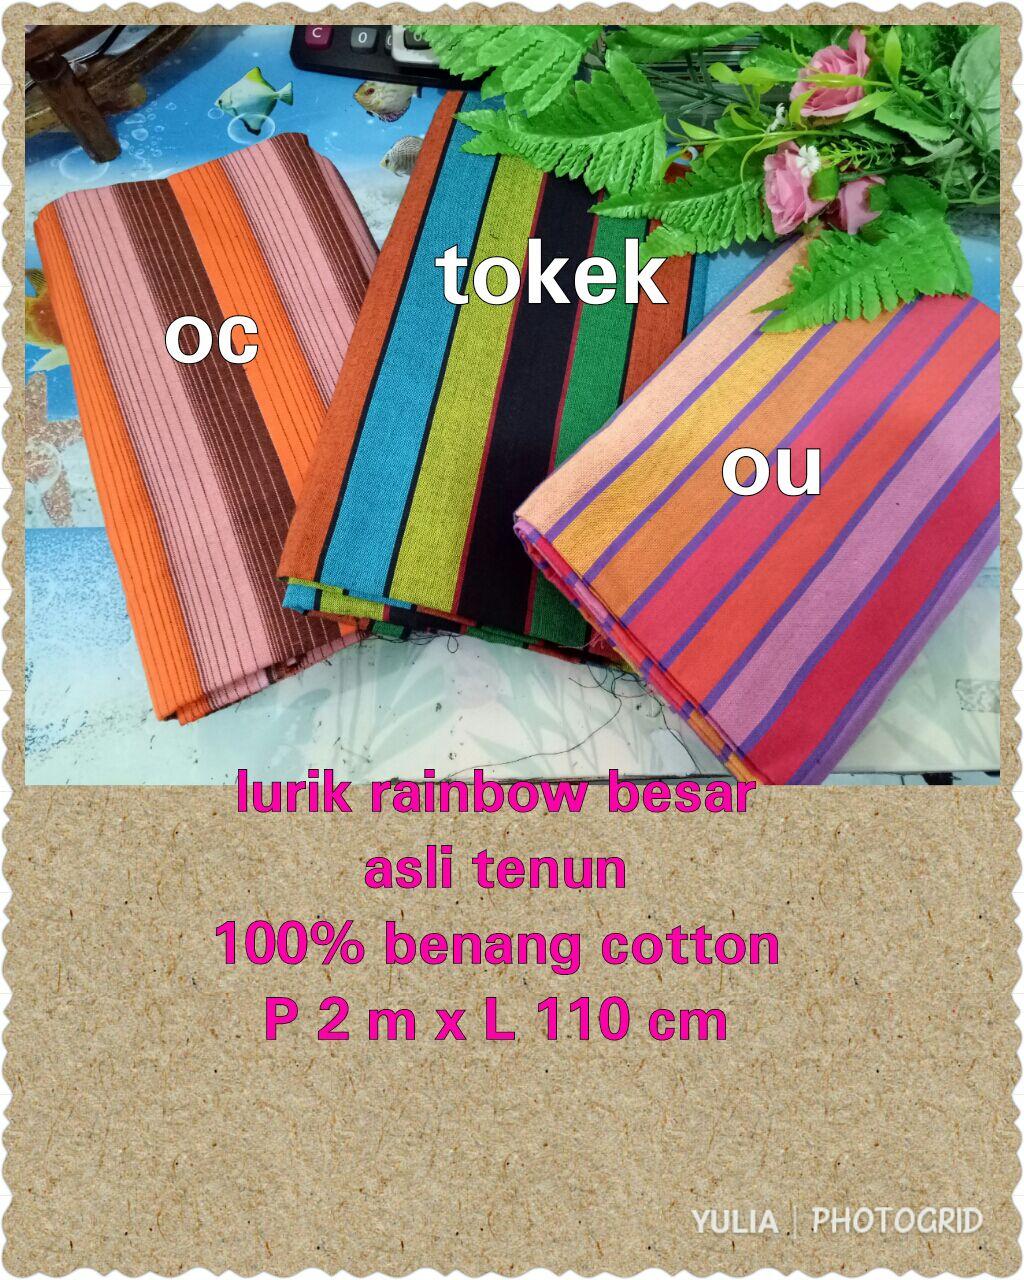 lurik rainbow